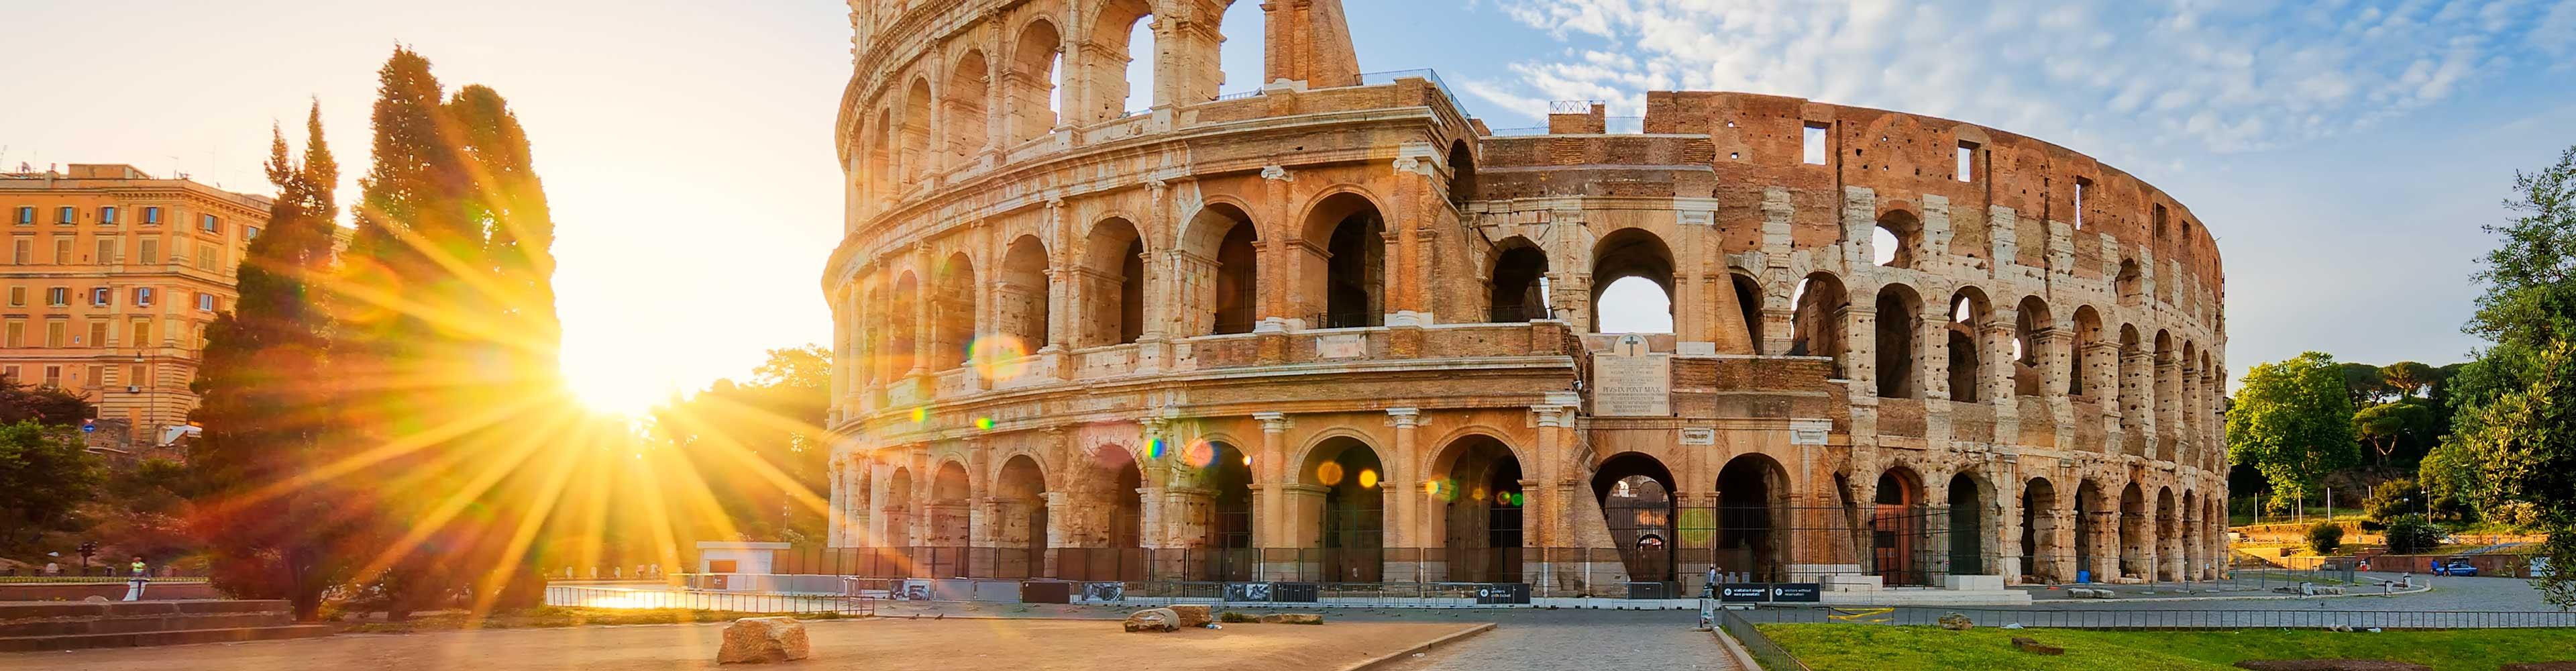 Tours en Roma y Alrededores